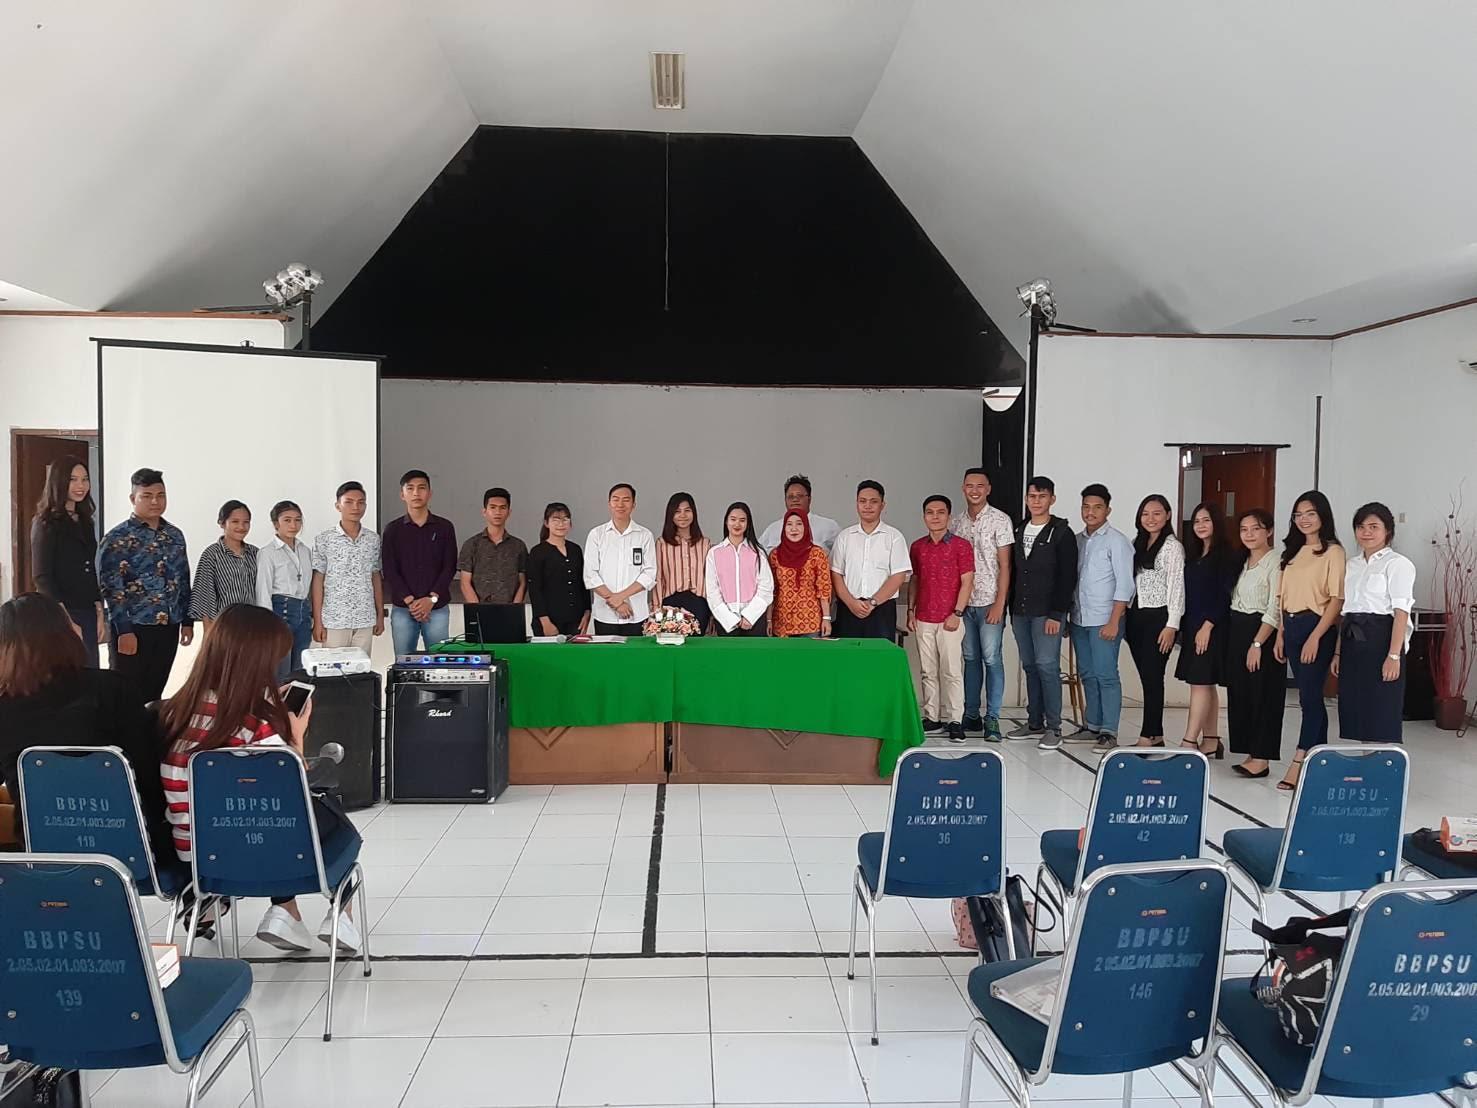 Pertemuan Teknis Duta Bahasa Sulawesi Utara 2019